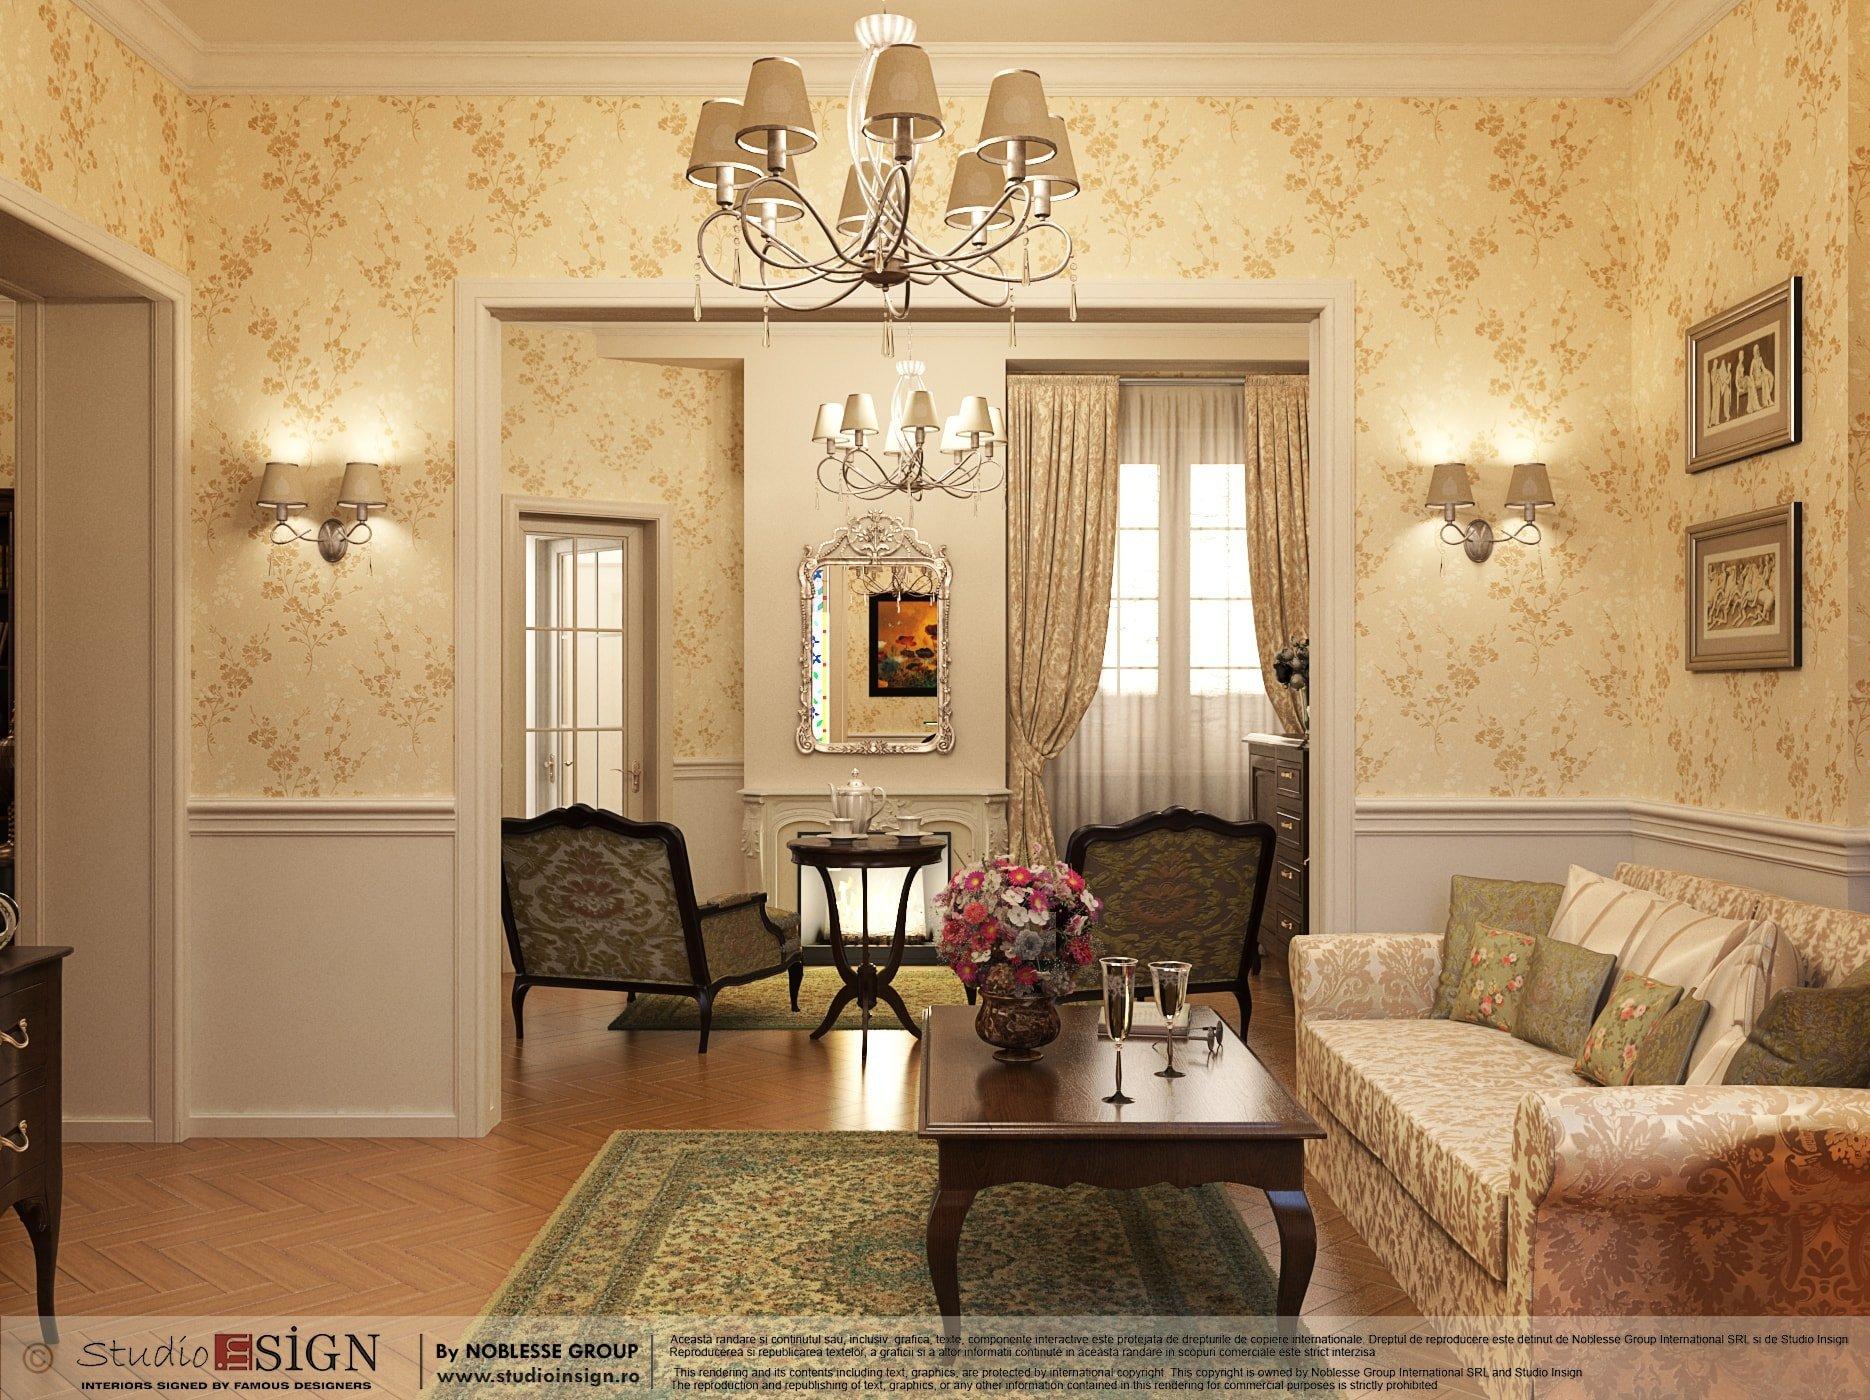 Apartament romantique design interior in stil clasic - Design interior apartamente ...